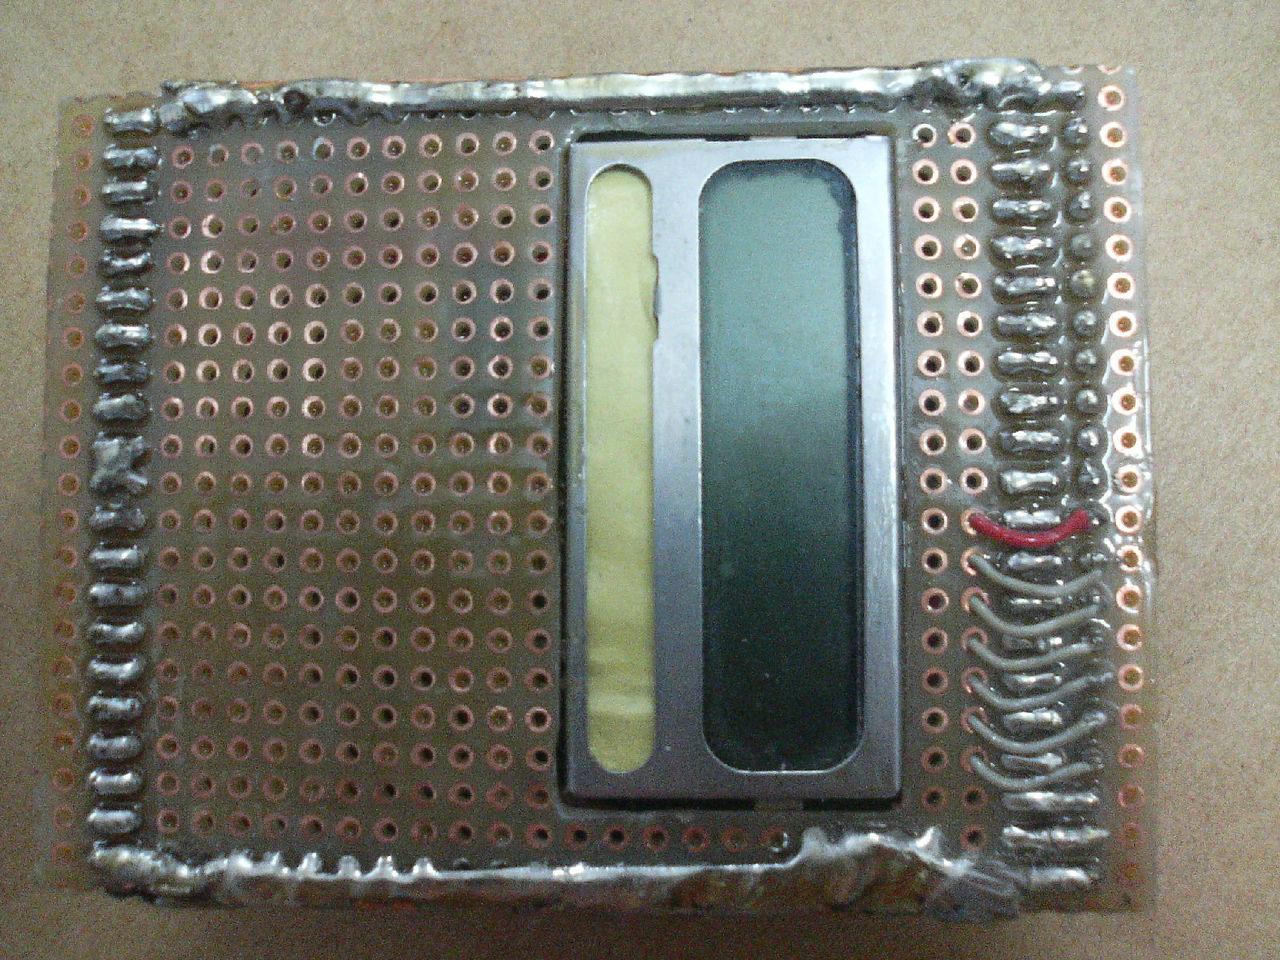 反接保护线路)   面板与功放板接线图   键盘与输入输出端都高清图片